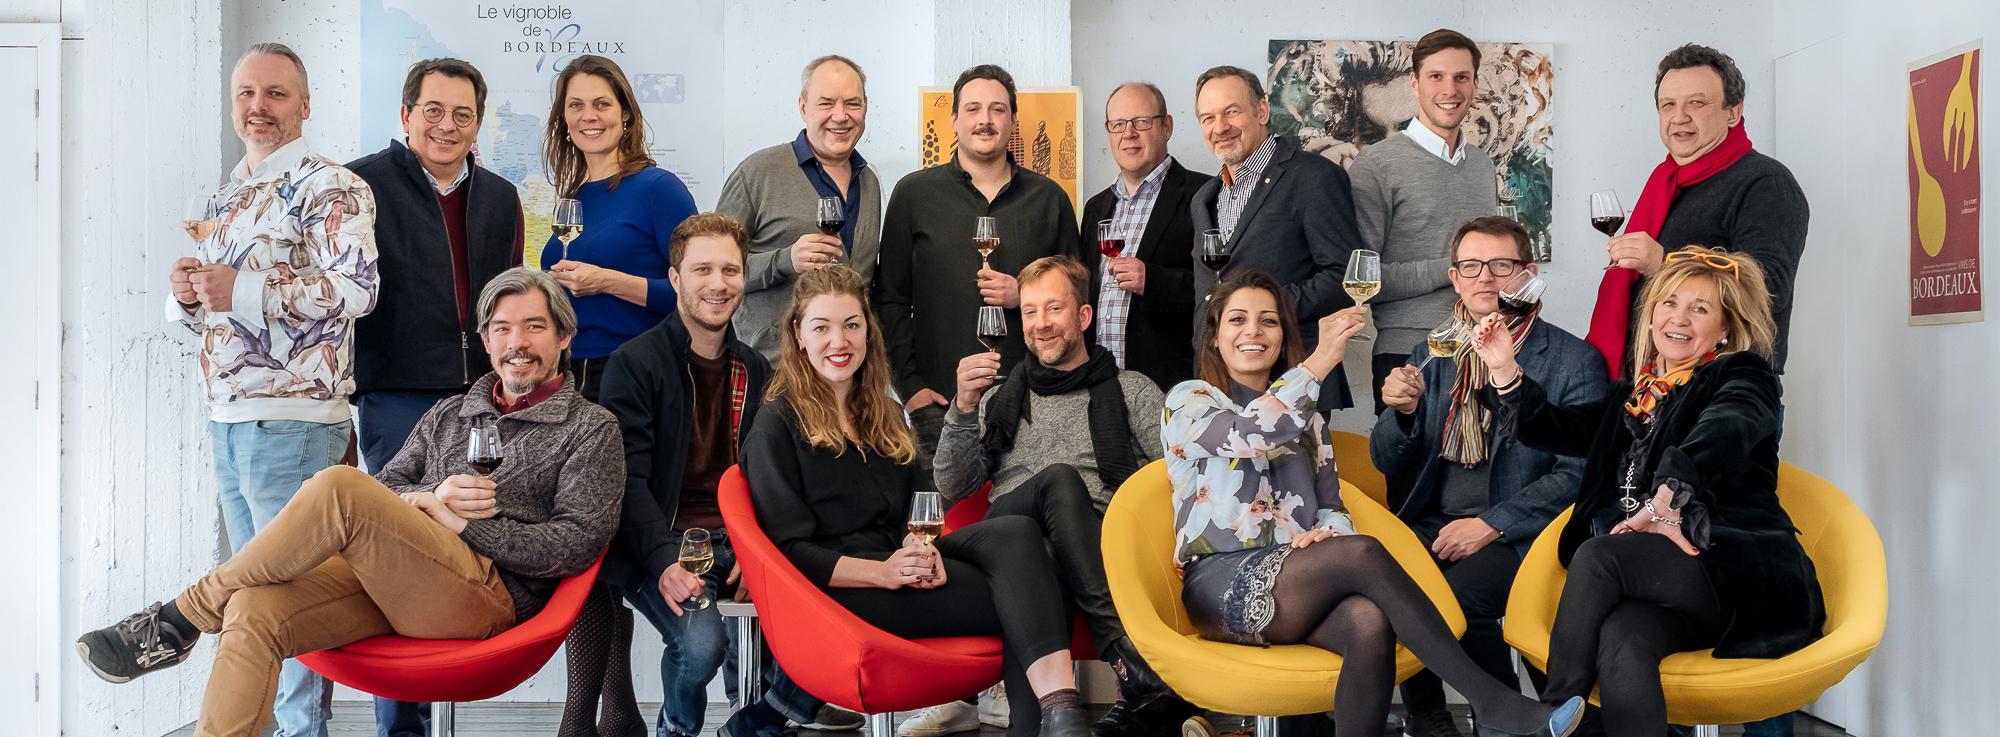 De Selectie Bordeaux 2018 is er!